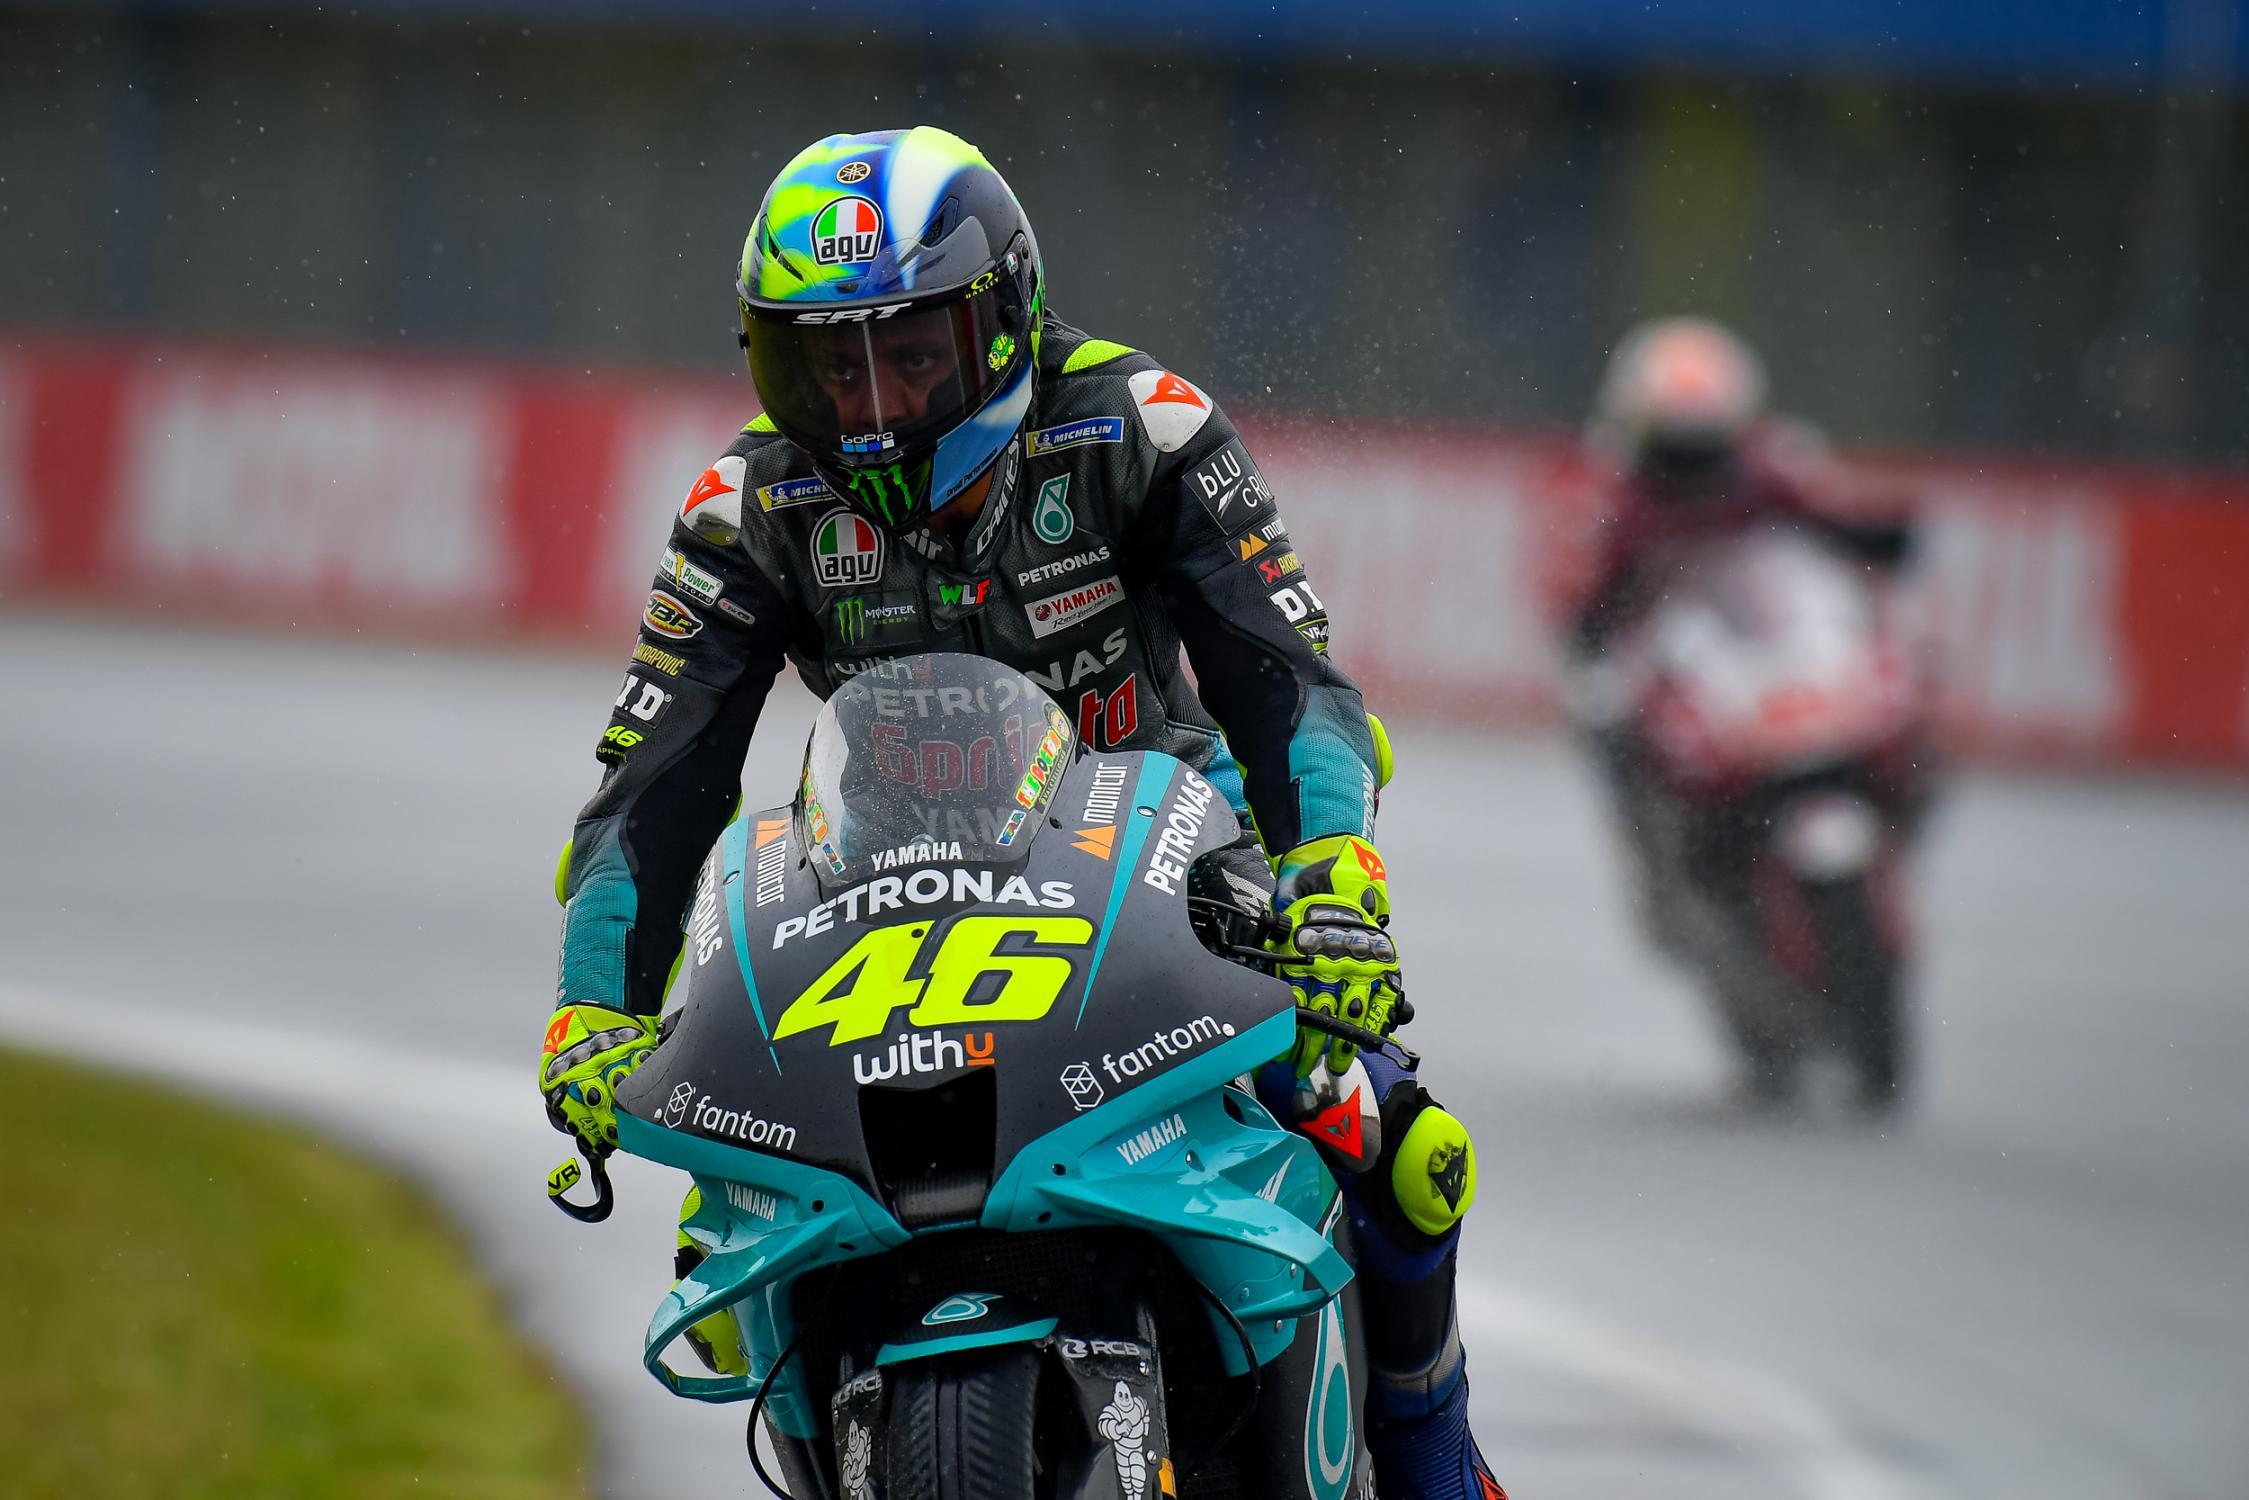 Ufficiale! Valentino Rossi si ritira dalla MotoGP.